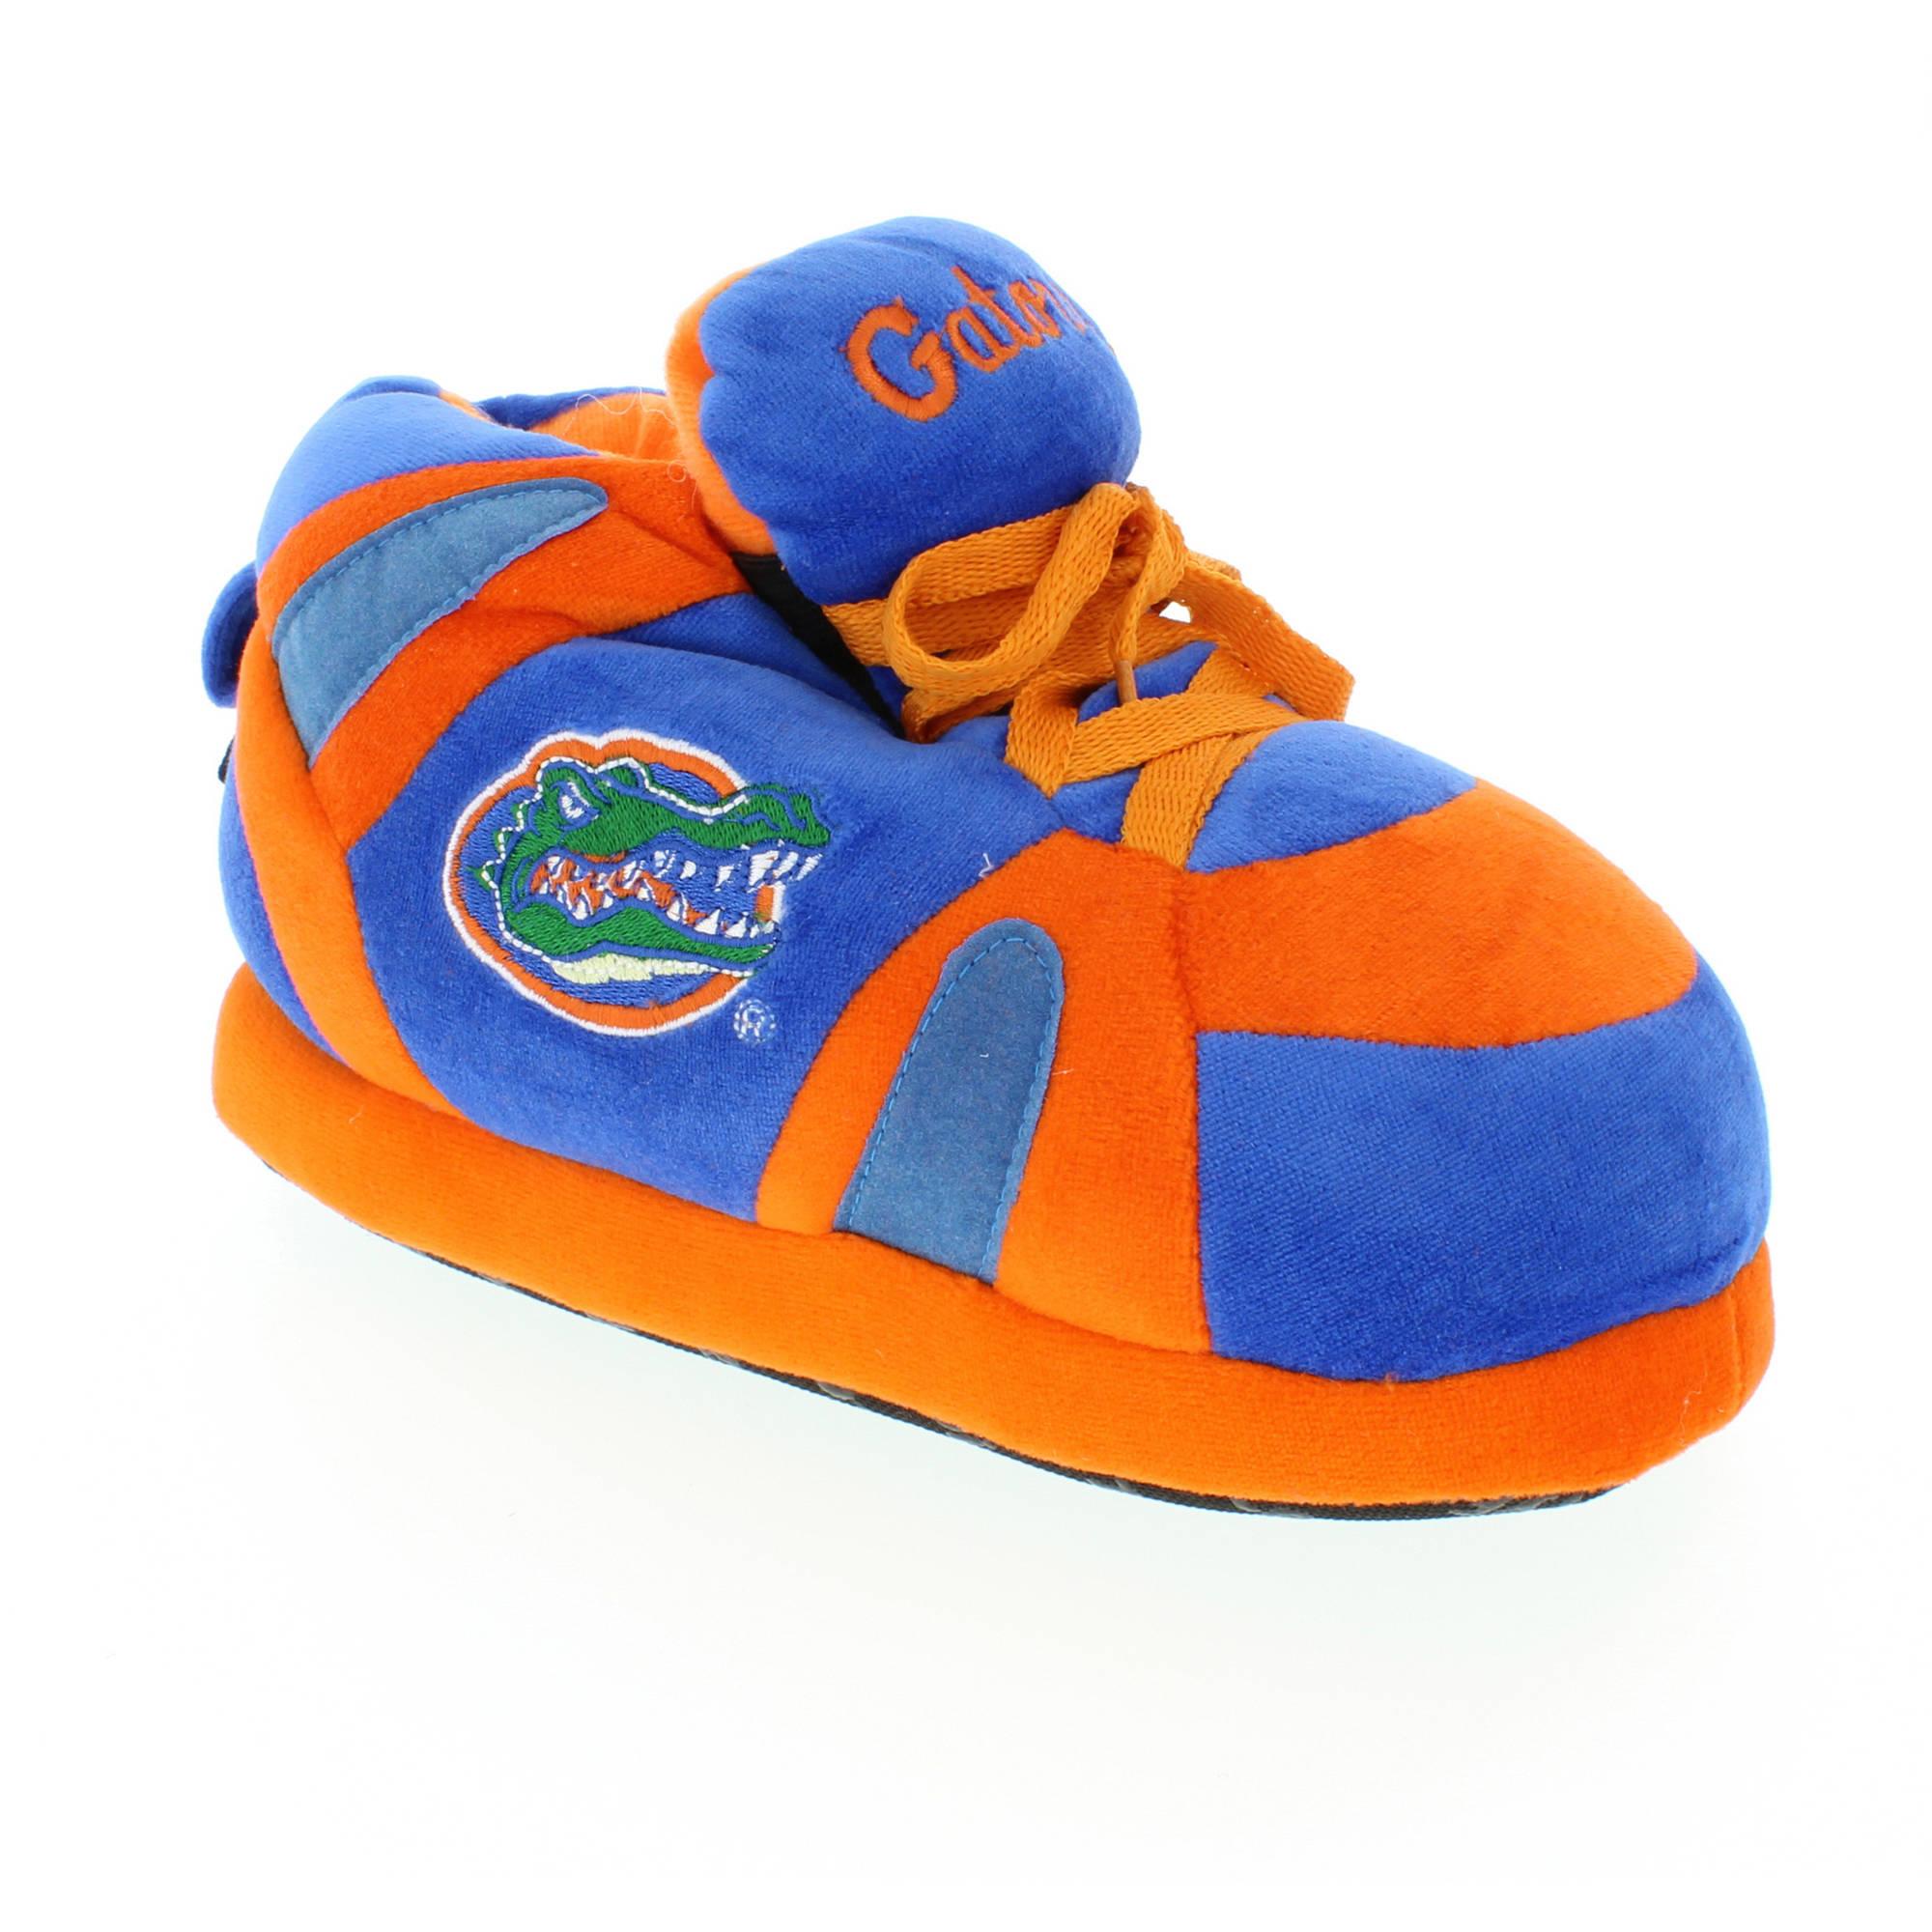 Comfy Feet - NCAA Florida Gators Slipper